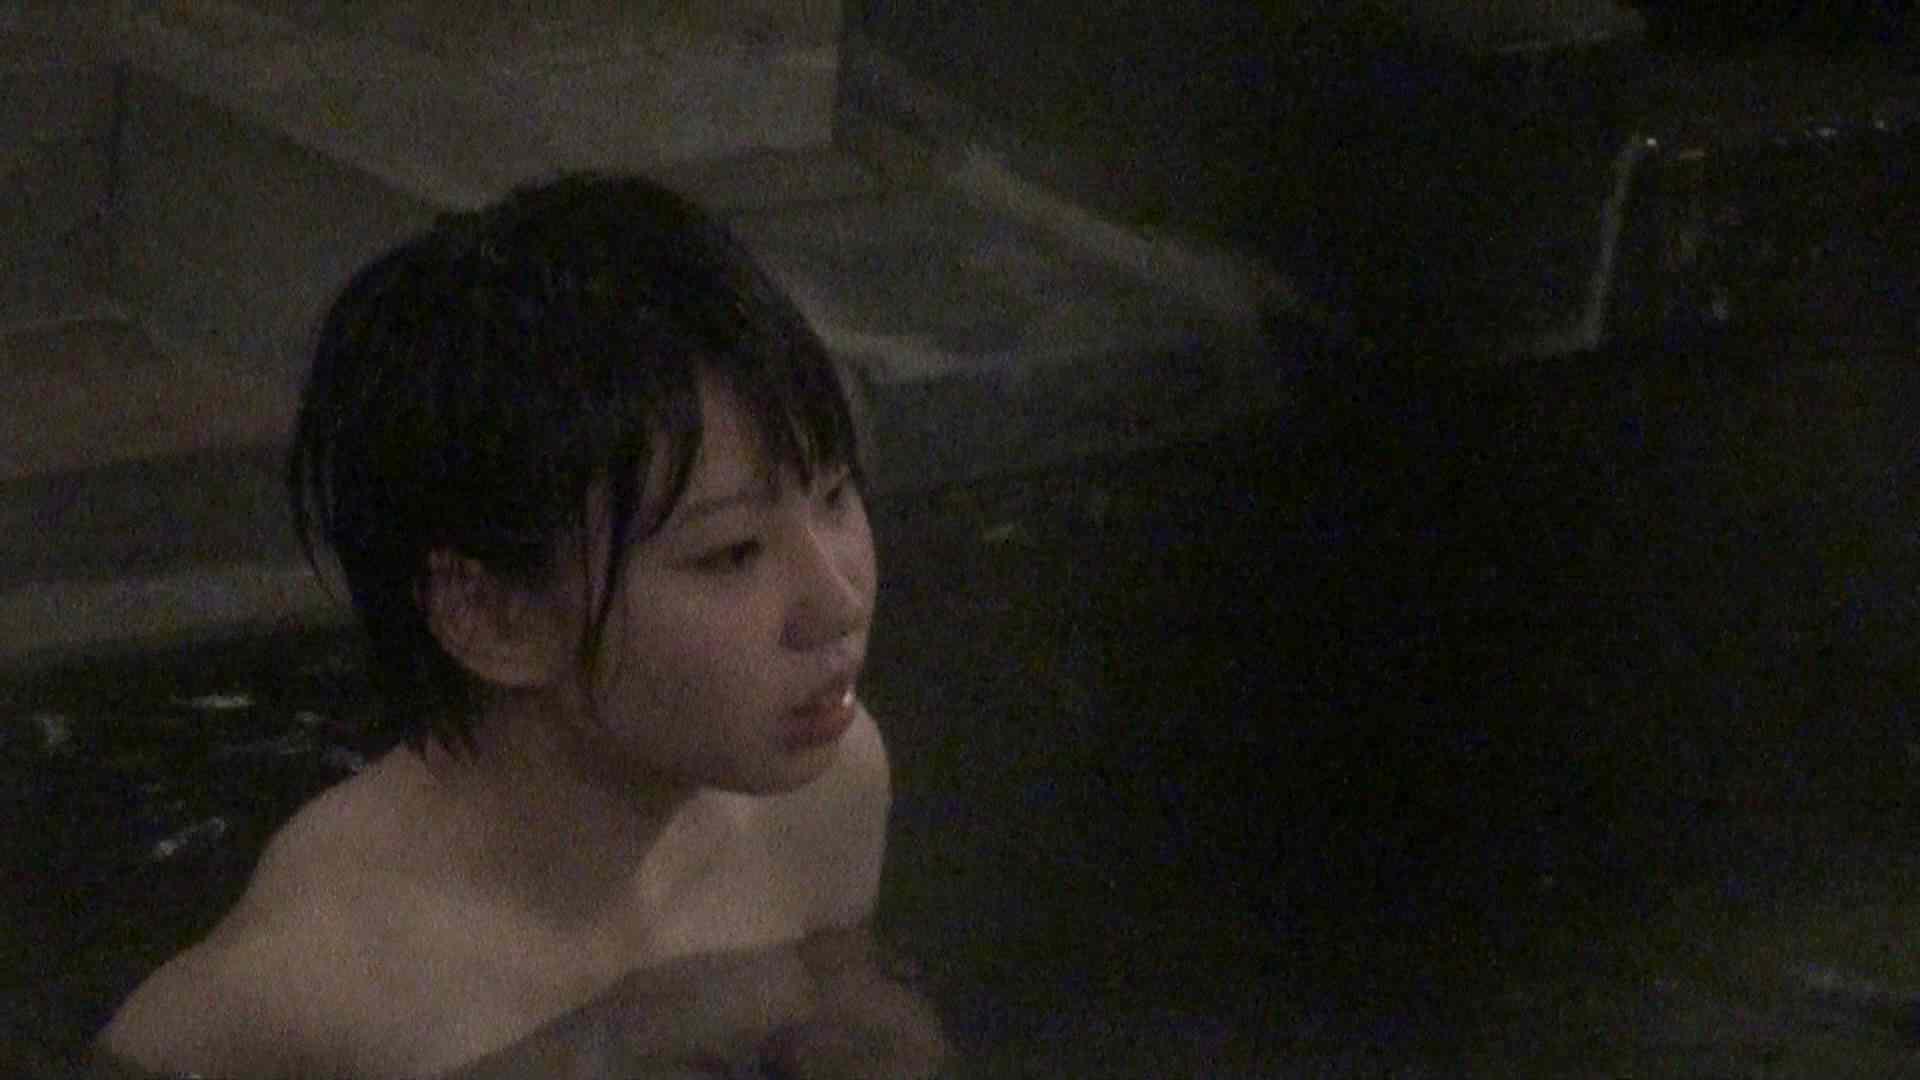 Aquaな露天風呂Vol.323 露天 | 盗撮特集  86画像 33